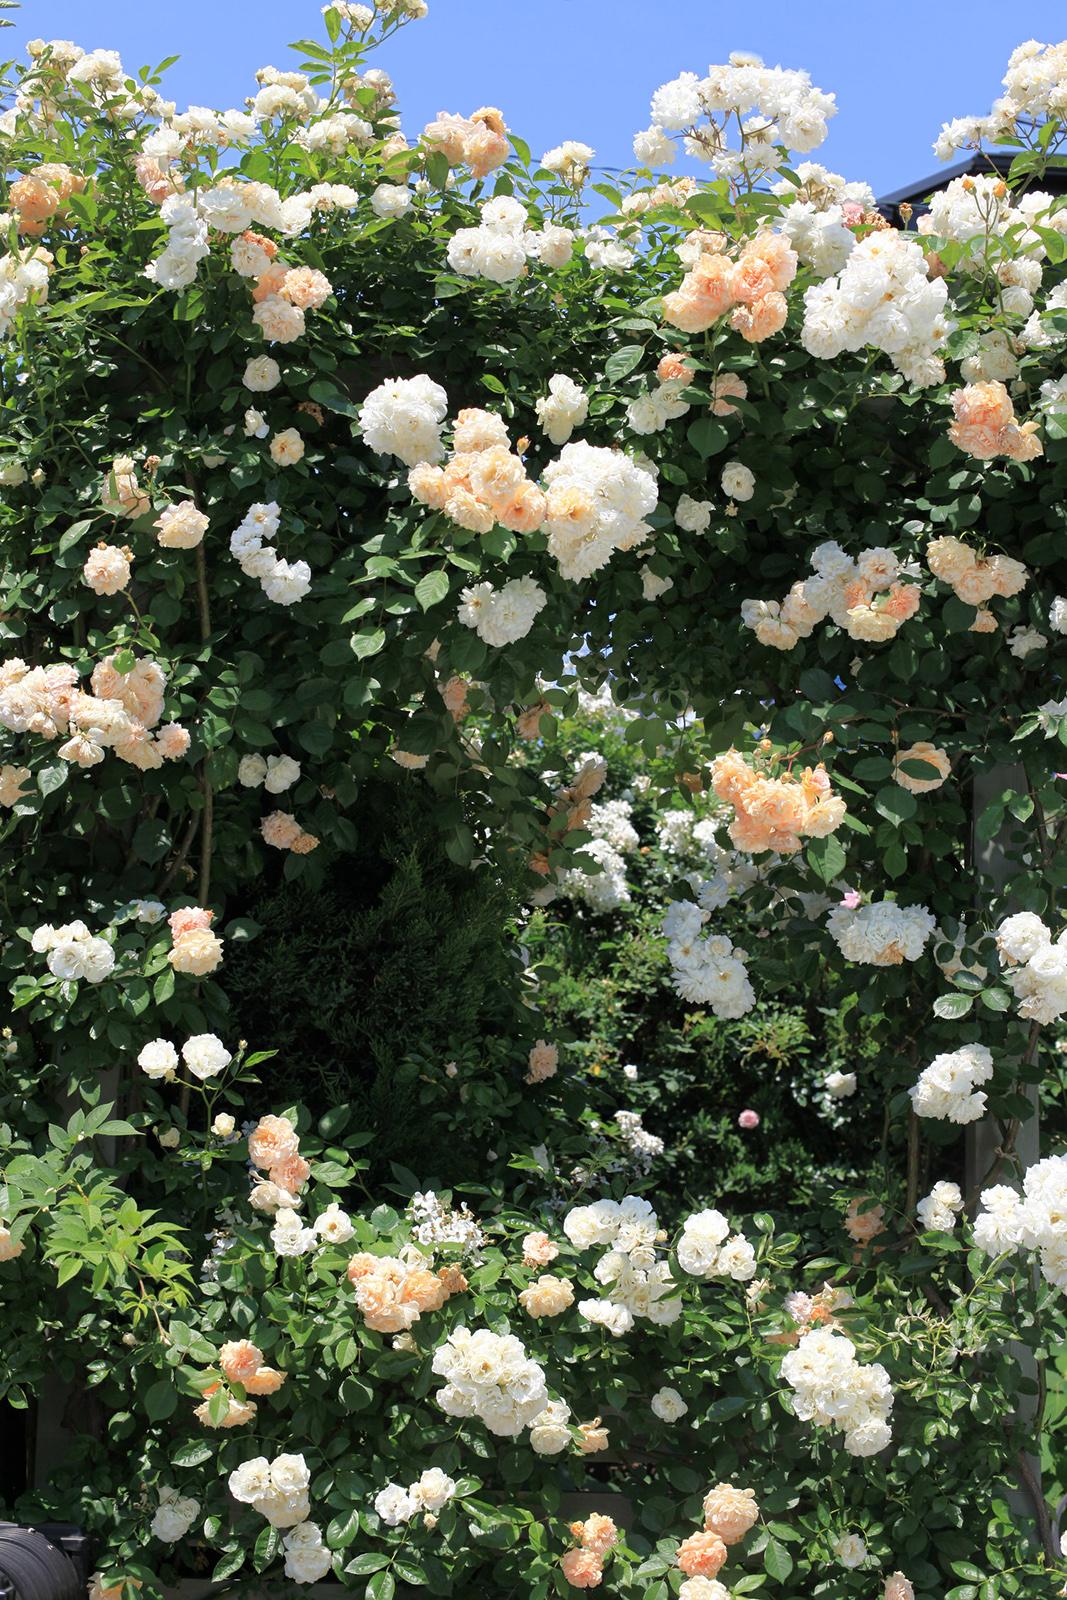 gardenfl020.jpg